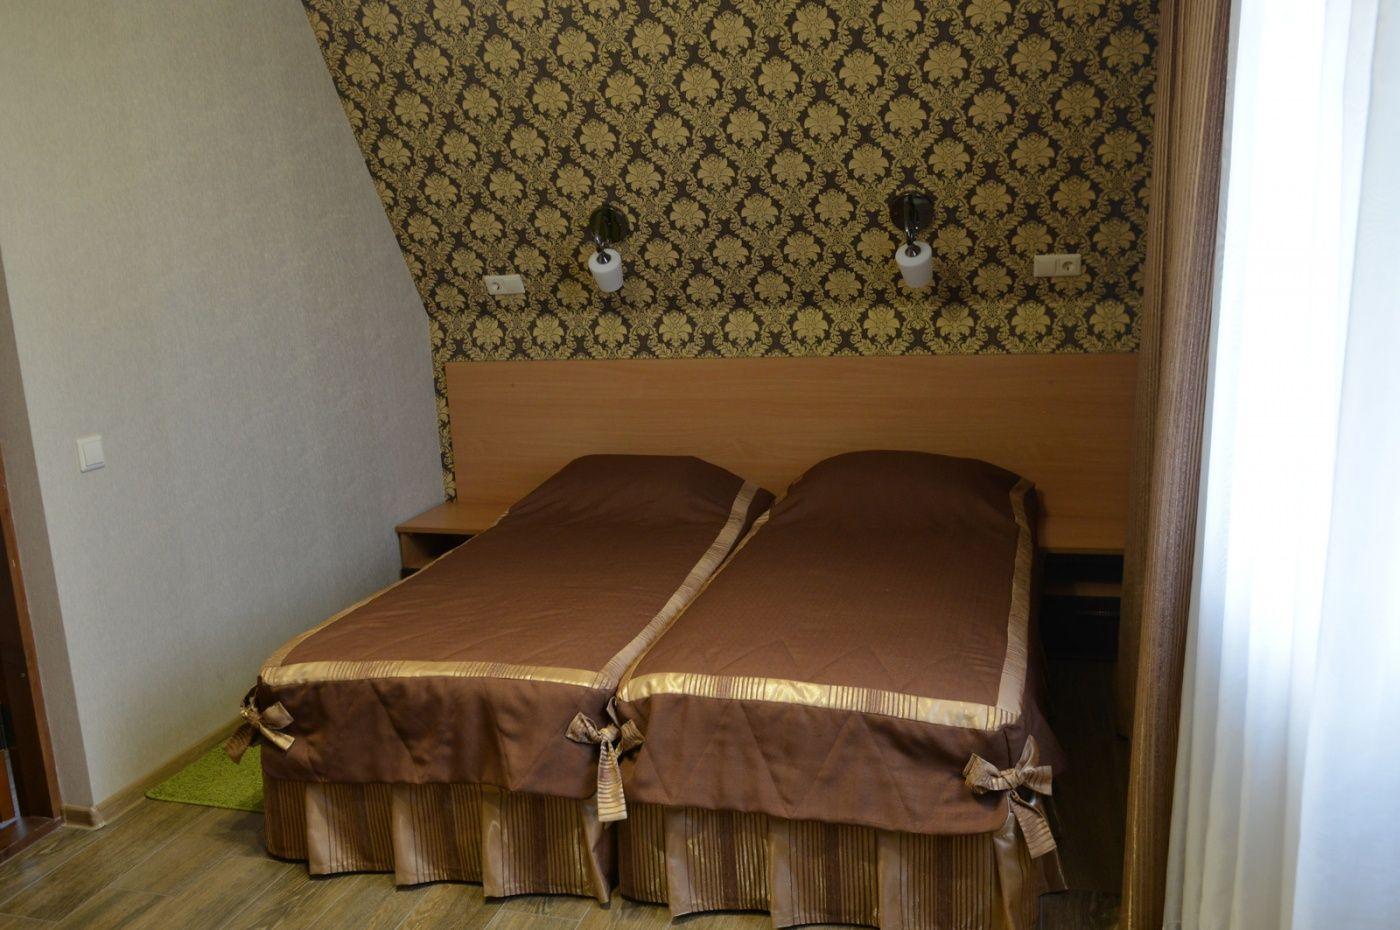 """База отдыха """"Аква-Вита"""" Краснодарский край 2-комнатный номер """"повышенной комфортности"""" (2 спальных места), фото 1"""